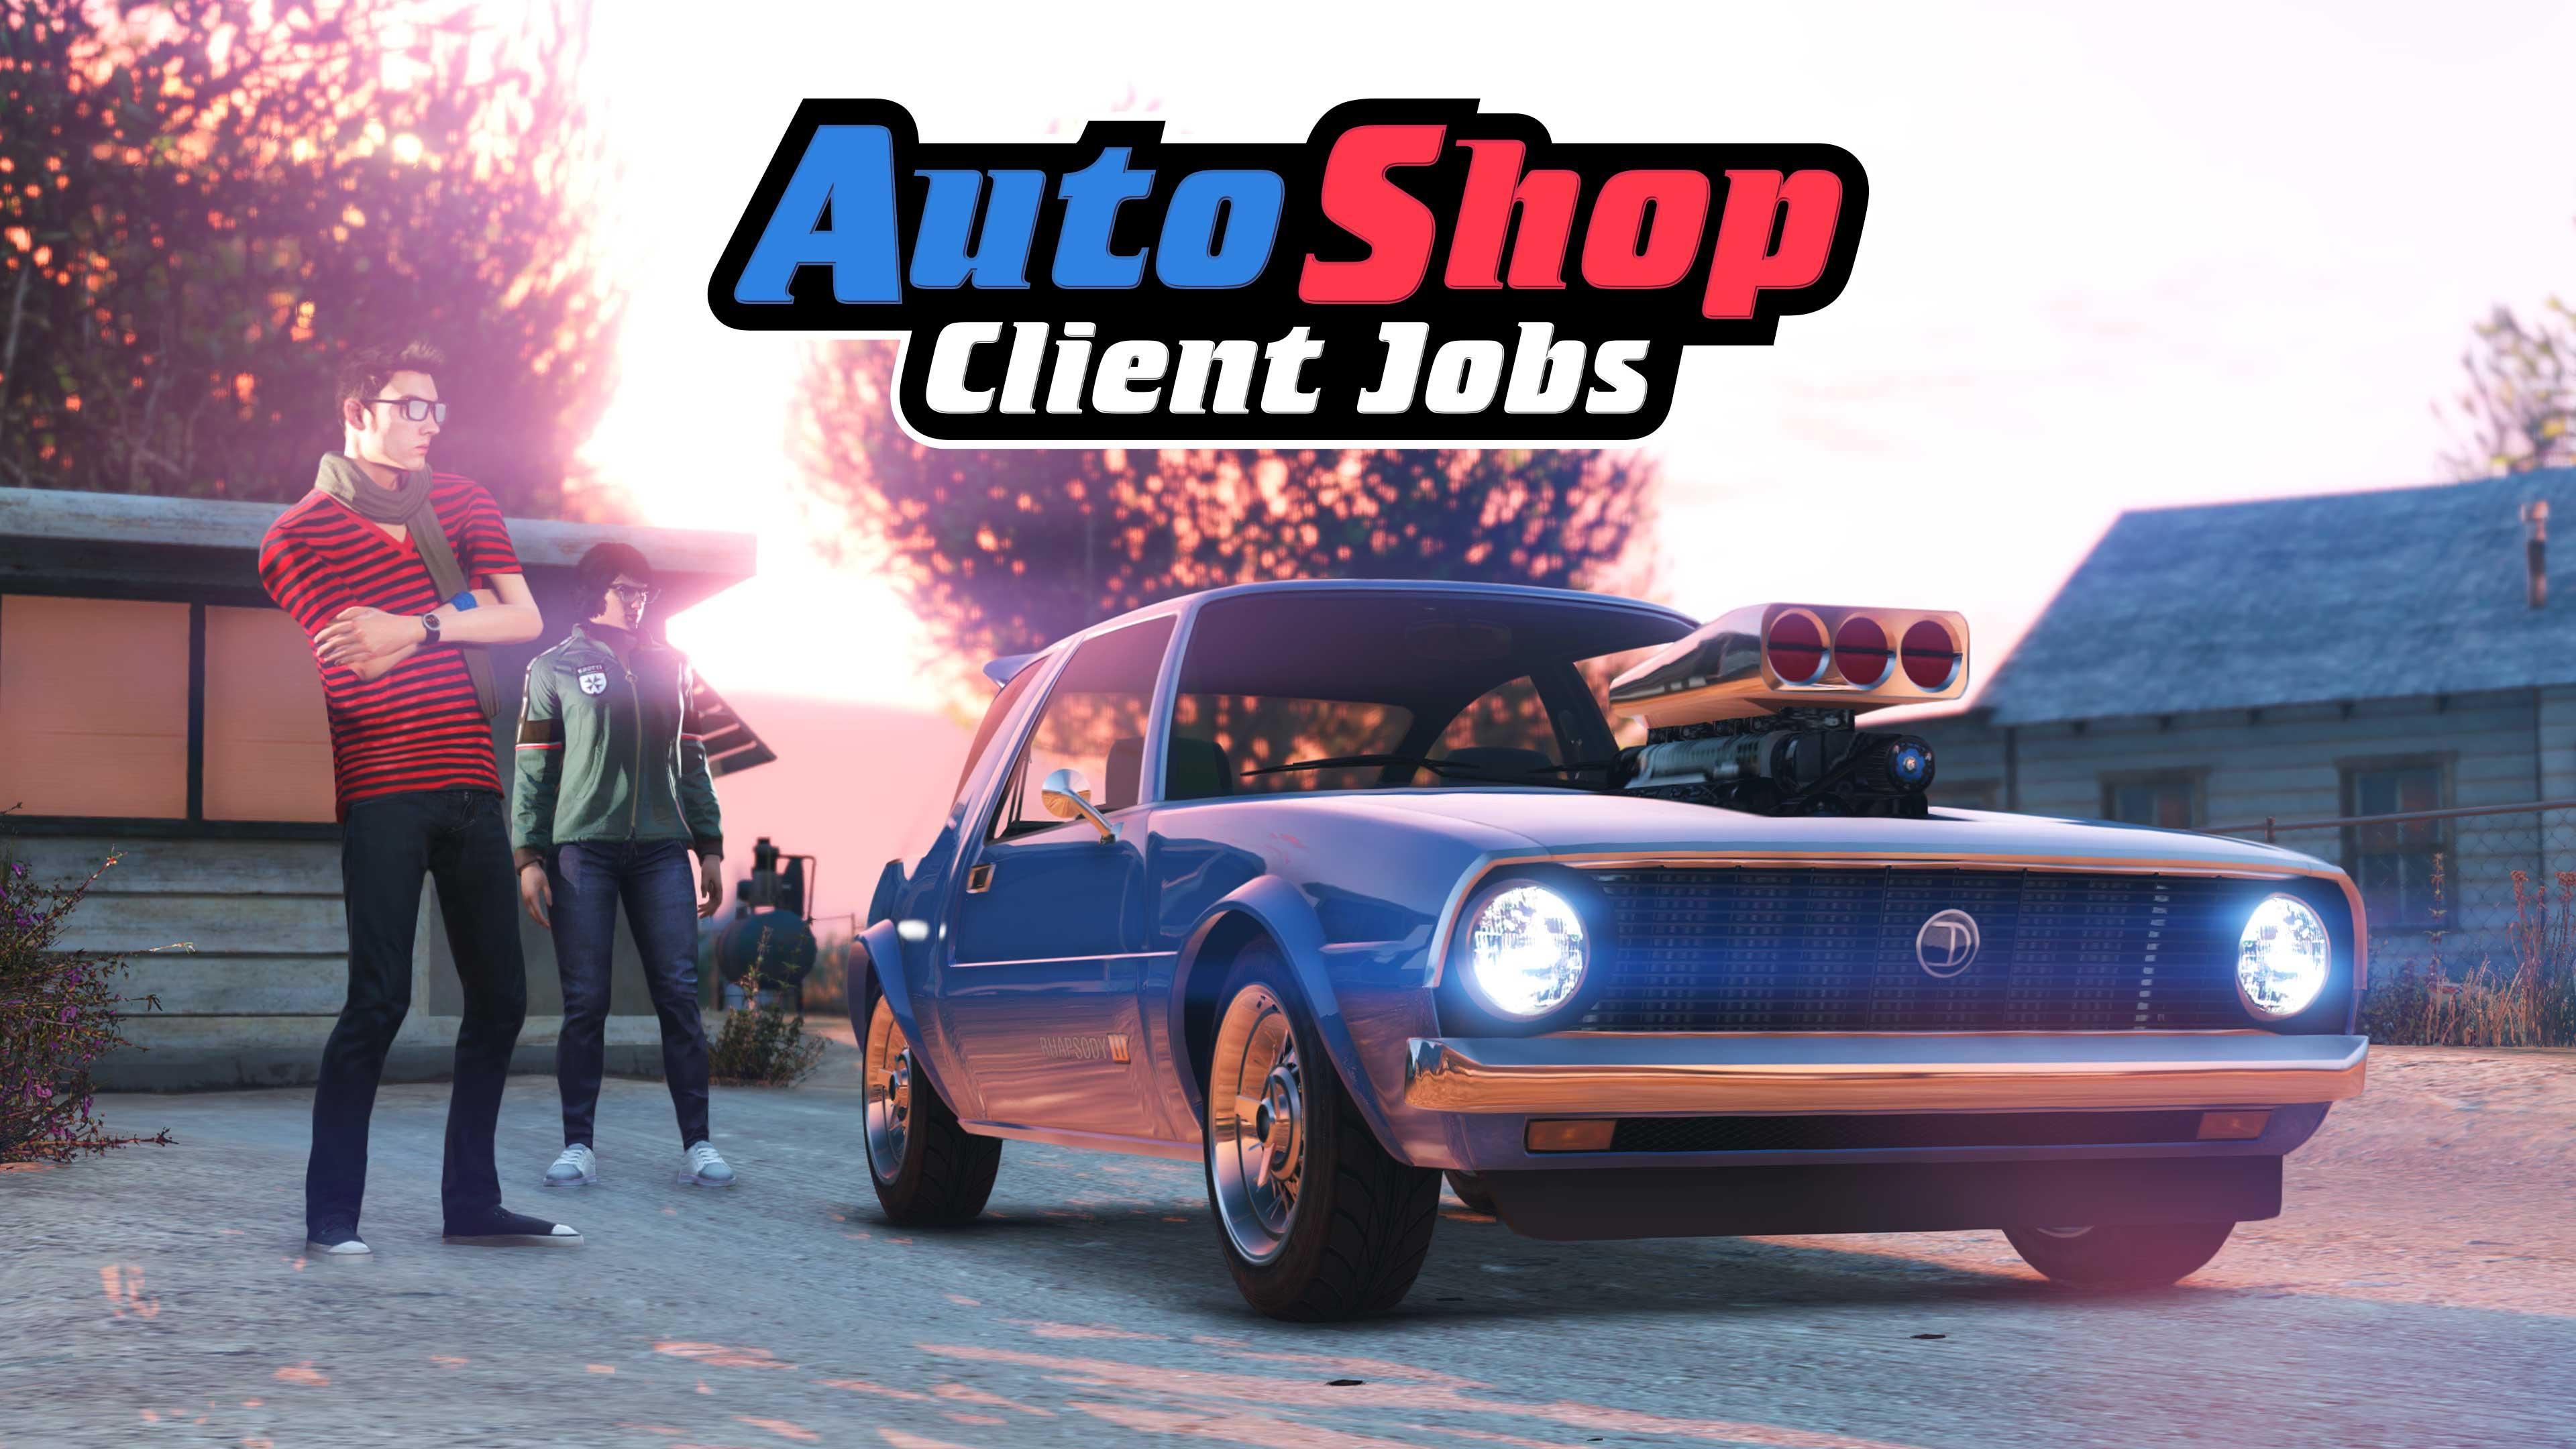 GTA Online Los Santos Tuners Auto Shop Client Jobs